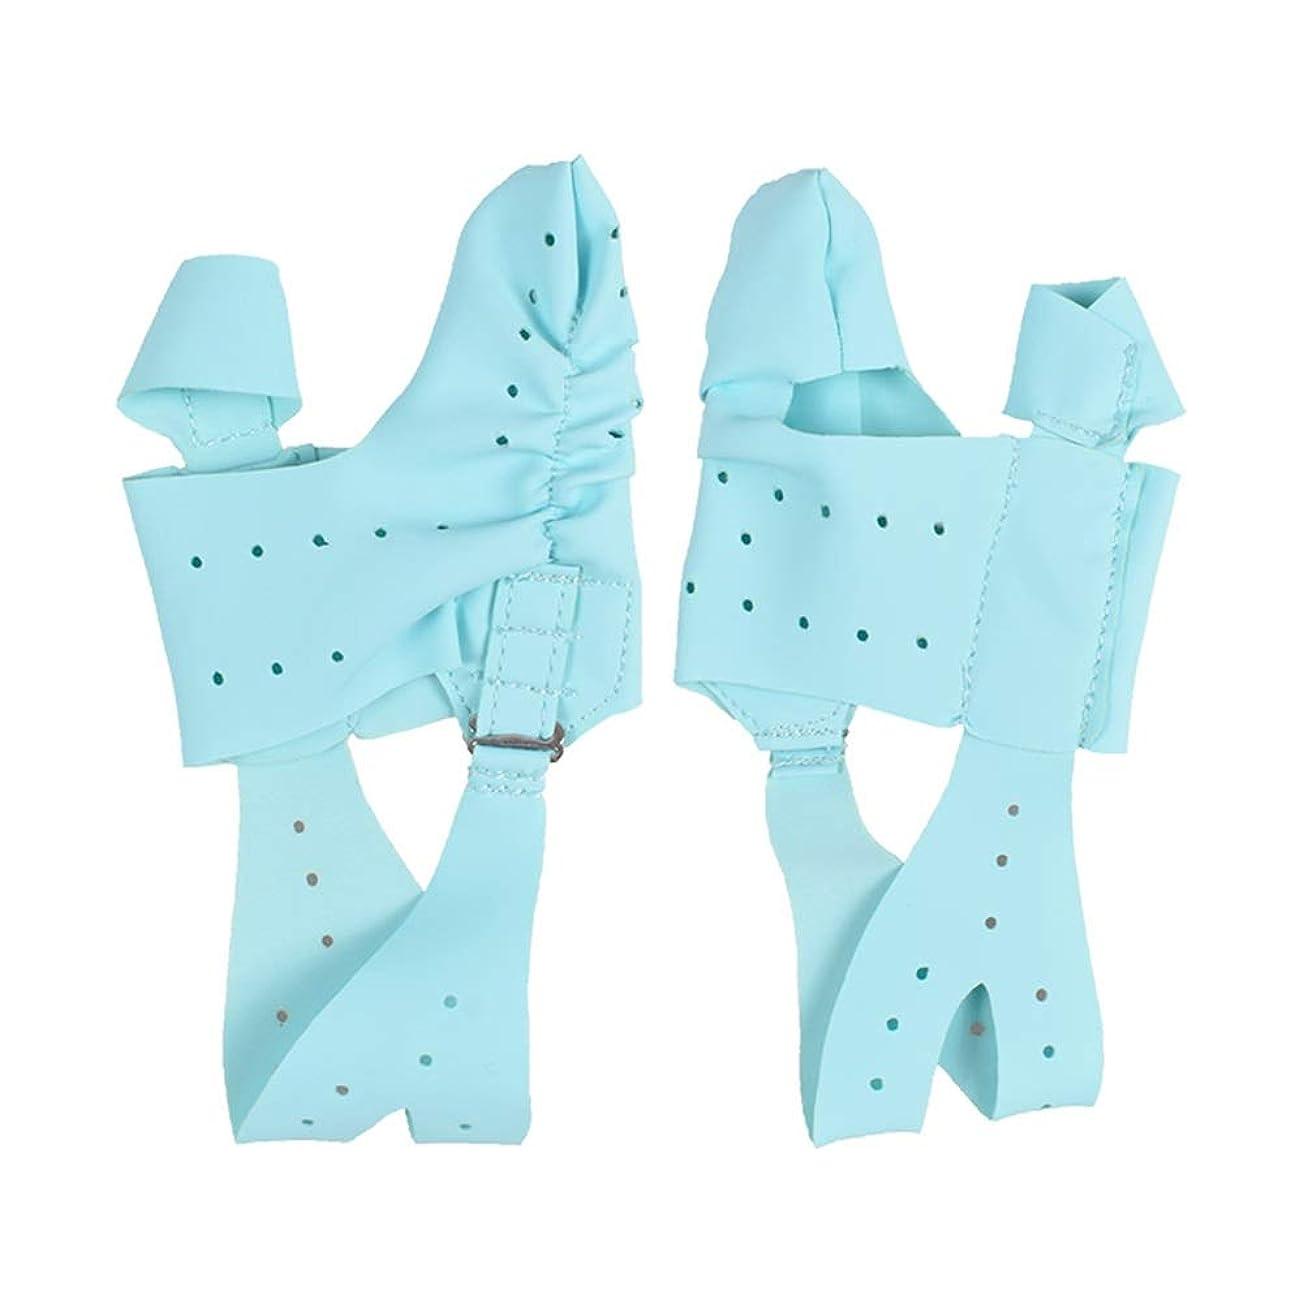 可決充実裏切り者つま先アライナは、靴を着用することができますダブルつま先キャリブレーター外反母gus矯正極薄リリーフ痛みプロテクター (Size : M)